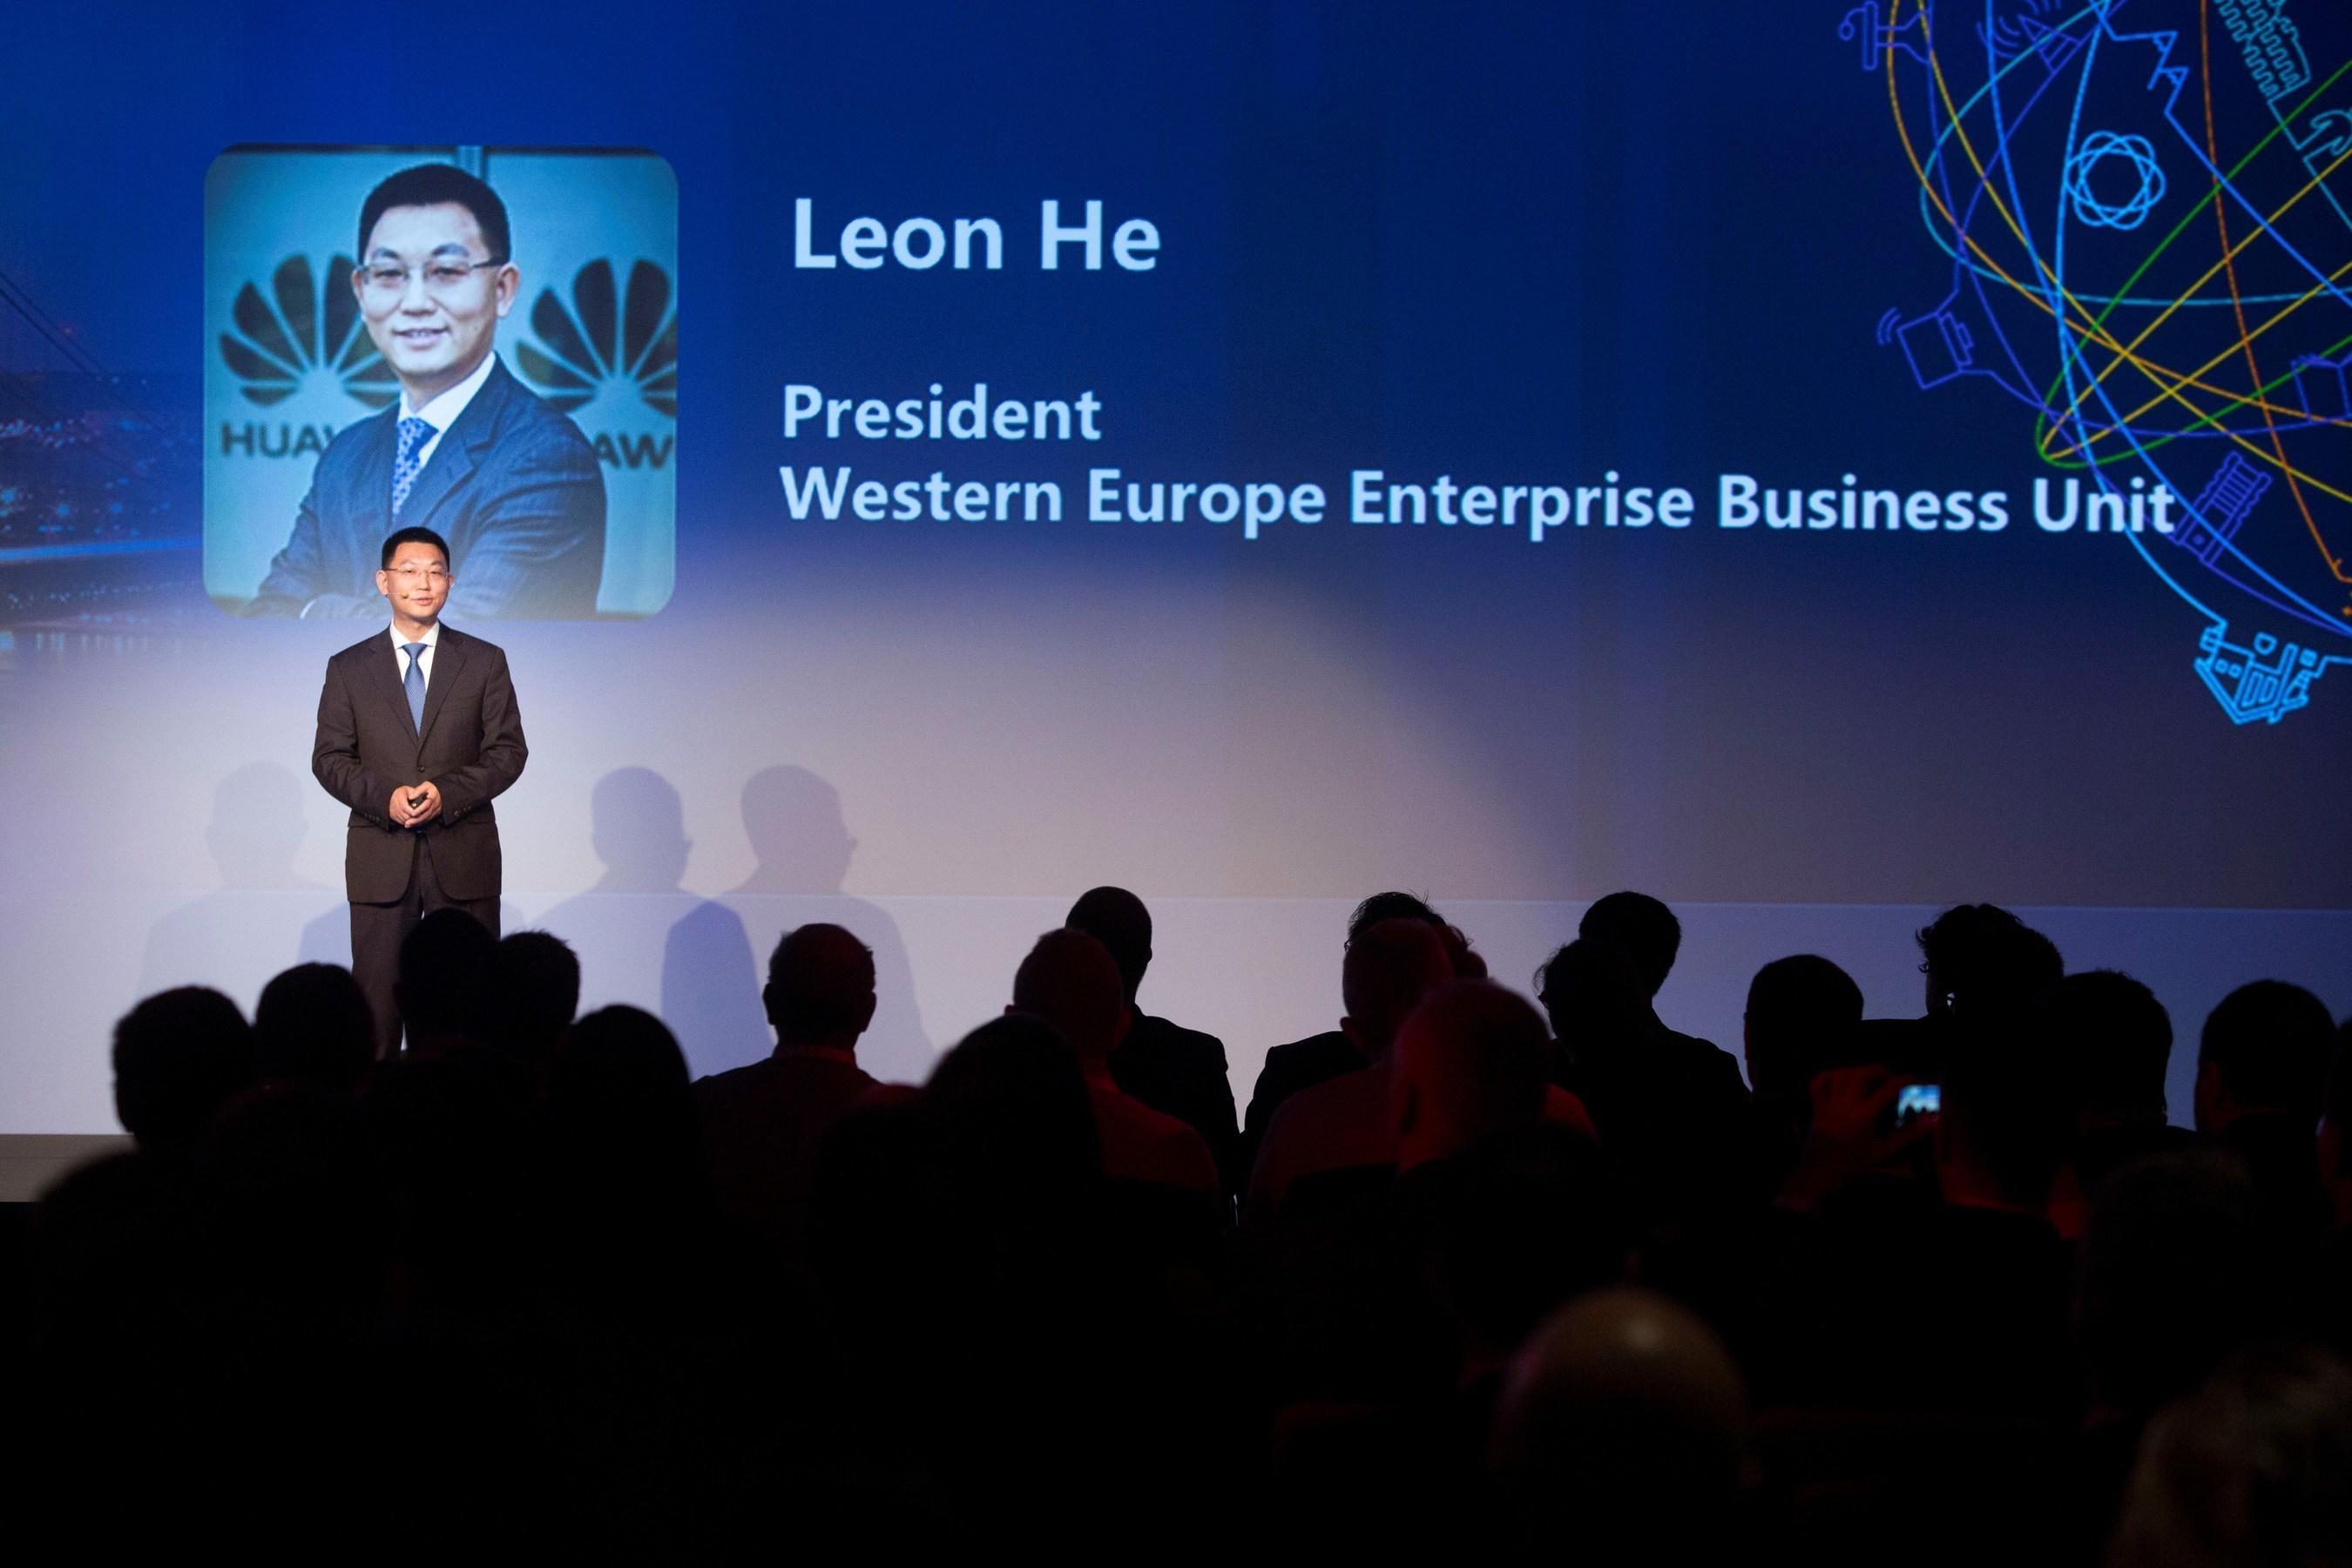 Innovationsexperten erkunden auf den Huawei-Veranstaltungen in Lissabon Herausforderungen und